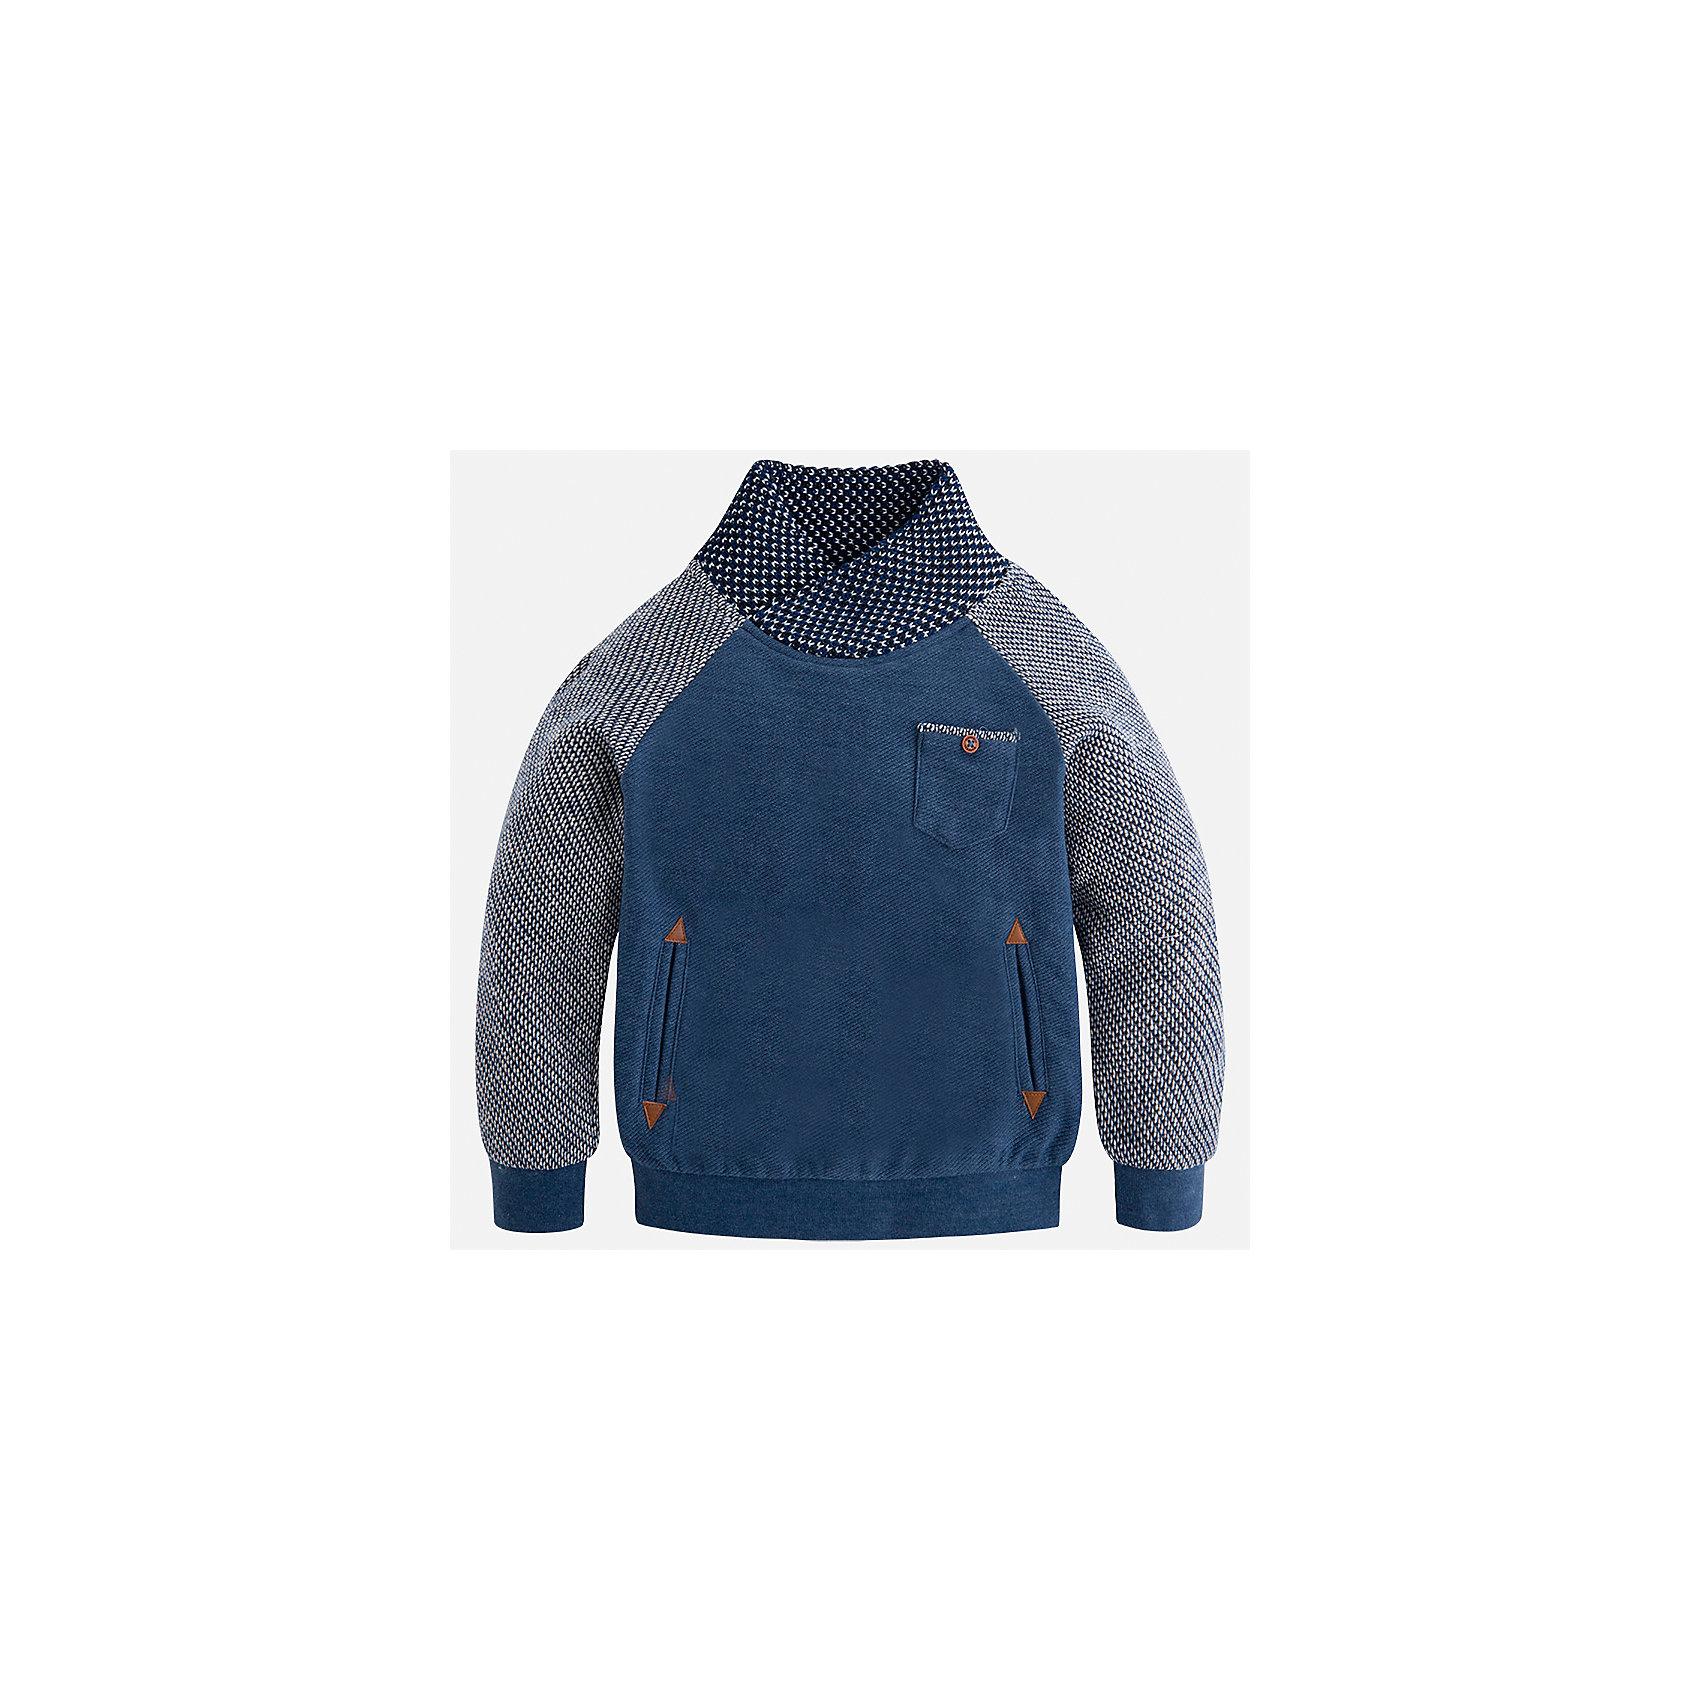 Толстовка Mayoral для мальчикаТолстовки<br>Характеристики товара:<br><br>• цвет: голубой<br>• состав ткани: 62% хлопок, 38% полиэстер<br>• сезон: демисезон<br>• особенности модели: высокий ворот<br>• карманы<br>• длинные рукава<br>• страна бренда: Испания<br>• страна изготовитель: Индия<br><br>Удобная толстовка для мальчика от Майорал поможет обеспечить ребенку комфорт и тепло. Детская толстовка с воротом отличается модным и продуманным дизайном. В толстовке для мальчика от испанской компании Майорал ребенок будет выглядеть модно, а чувствовать себя - комфортно. <br><br>Толстовку для мальчика Mayoral (Майорал) можно купить в нашем интернет-магазине.<br><br>Ширина мм: 230<br>Глубина мм: 40<br>Высота мм: 220<br>Вес г: 250<br>Цвет: голубой<br>Возраст от месяцев: 96<br>Возраст до месяцев: 108<br>Пол: Мужской<br>Возраст: Детский<br>Размер: 134,92,98,104,110,116,122,128<br>SKU: 6934520